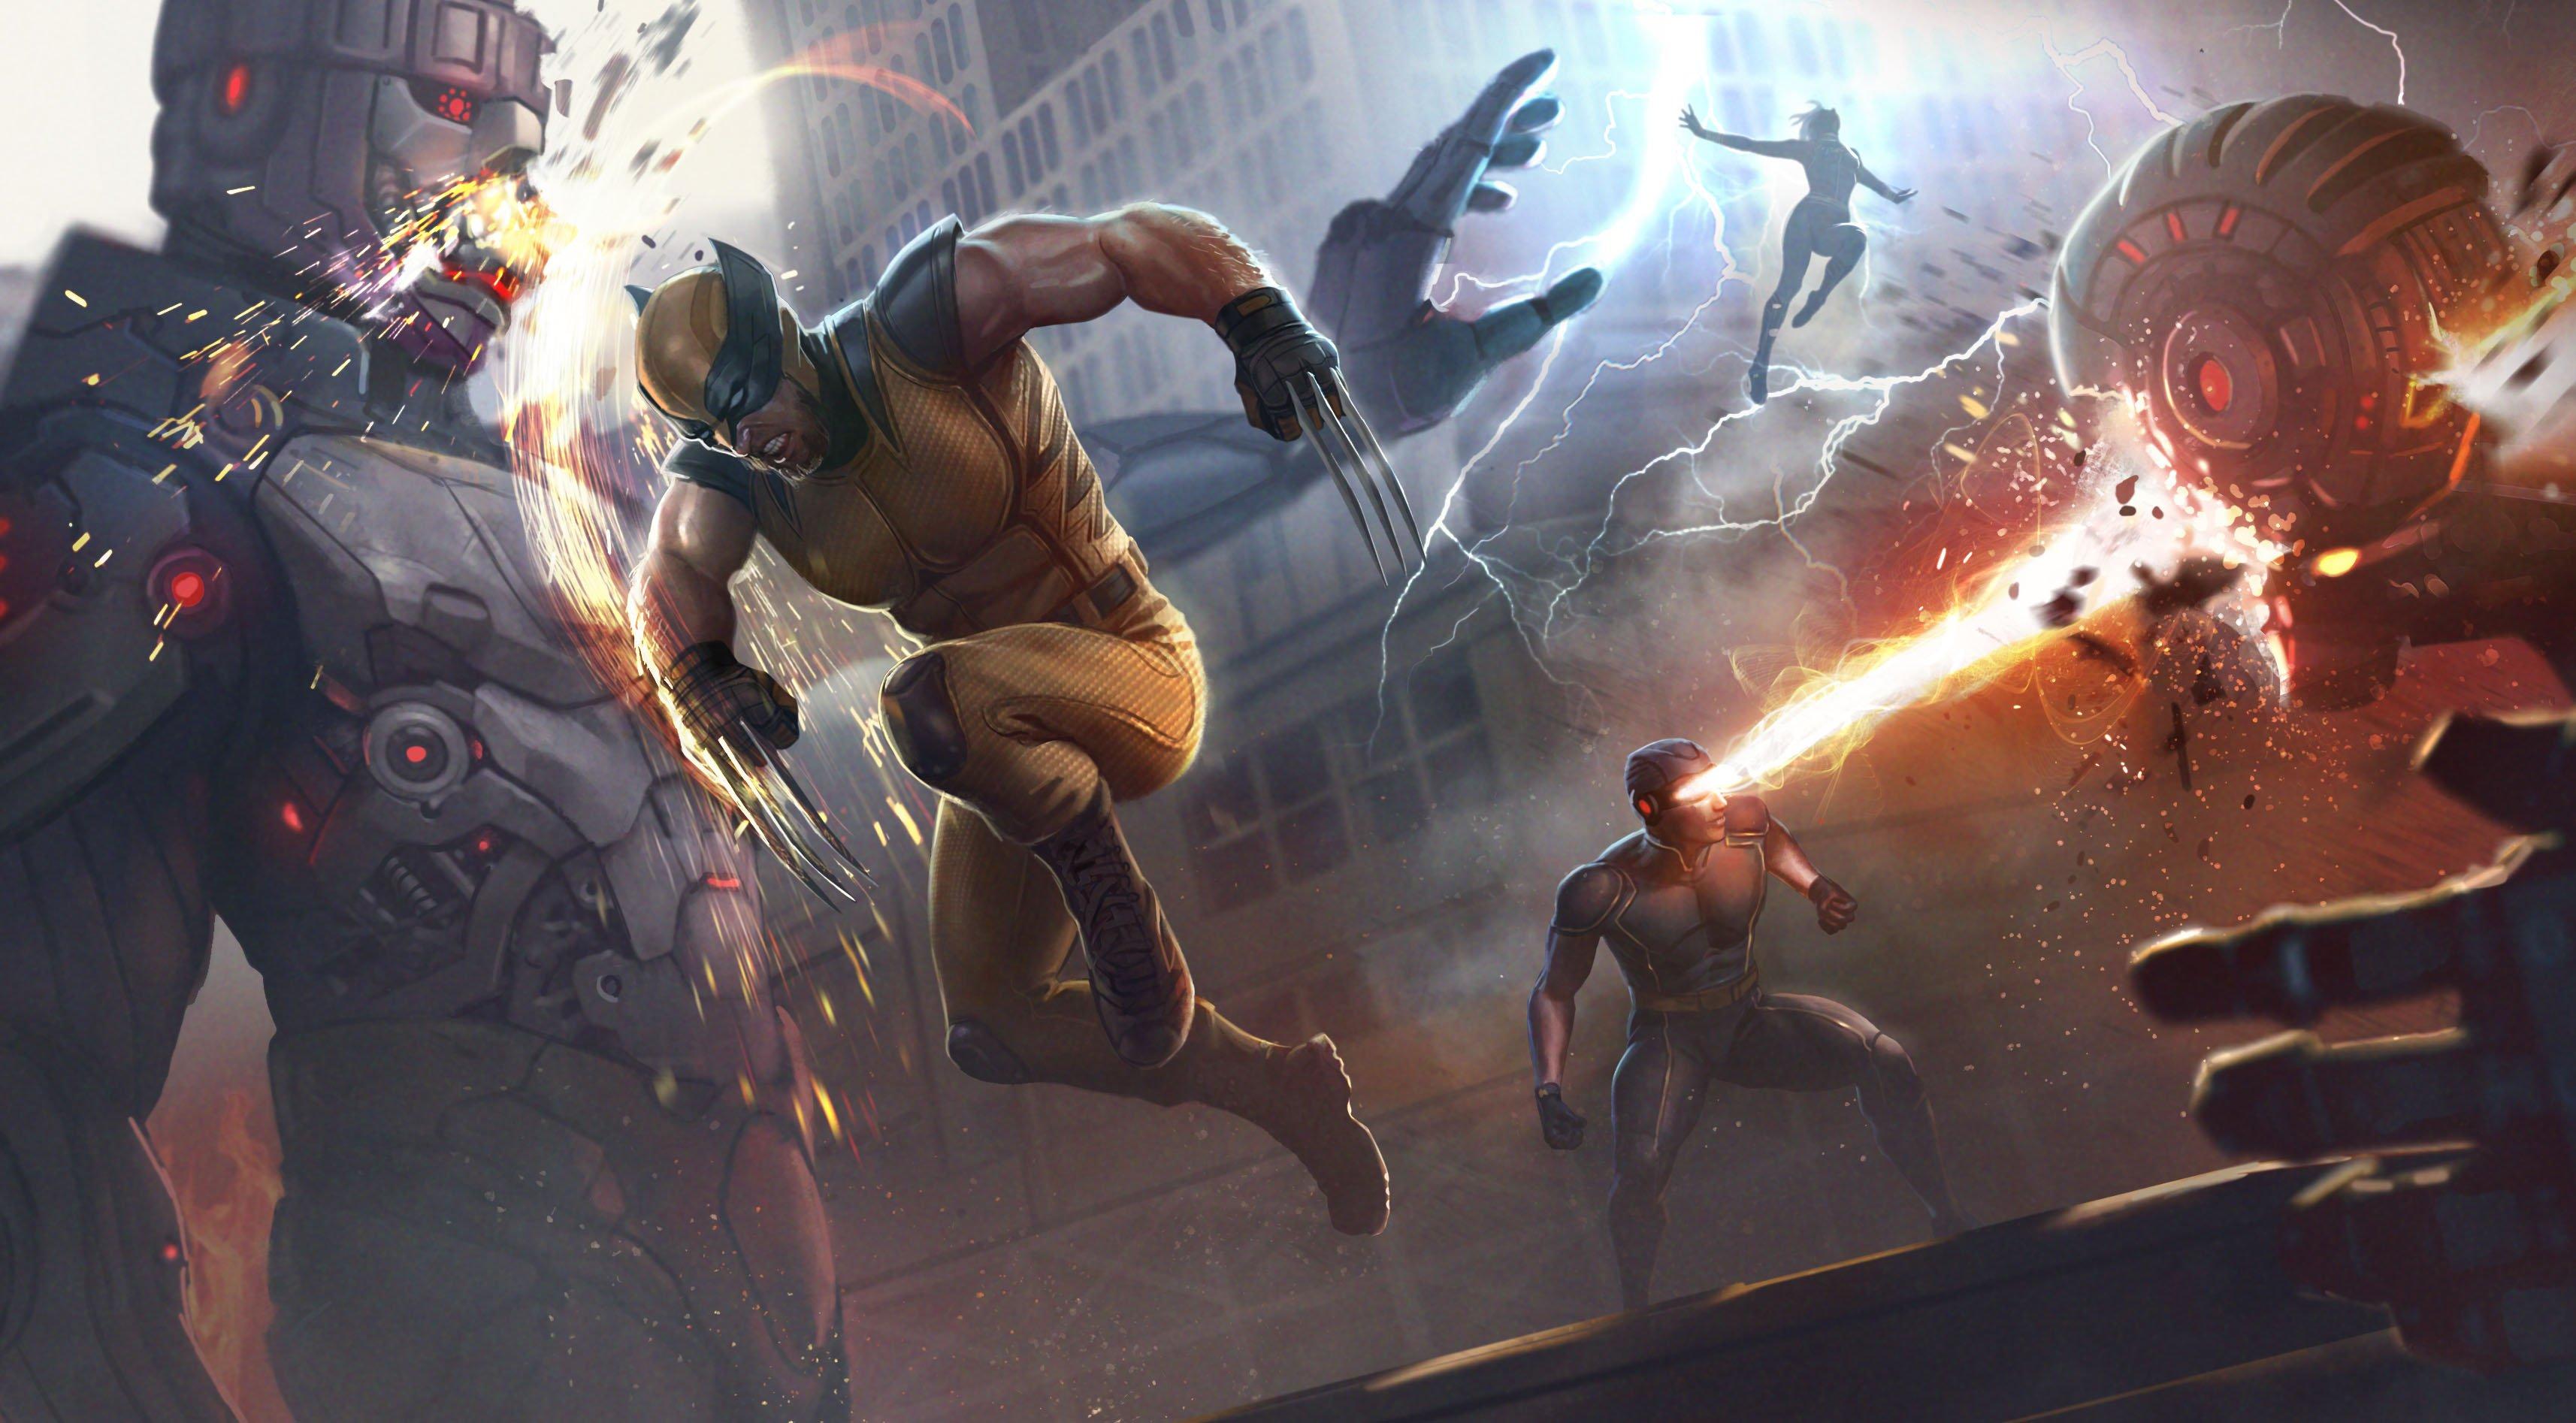 Wallpaper X Men in battle